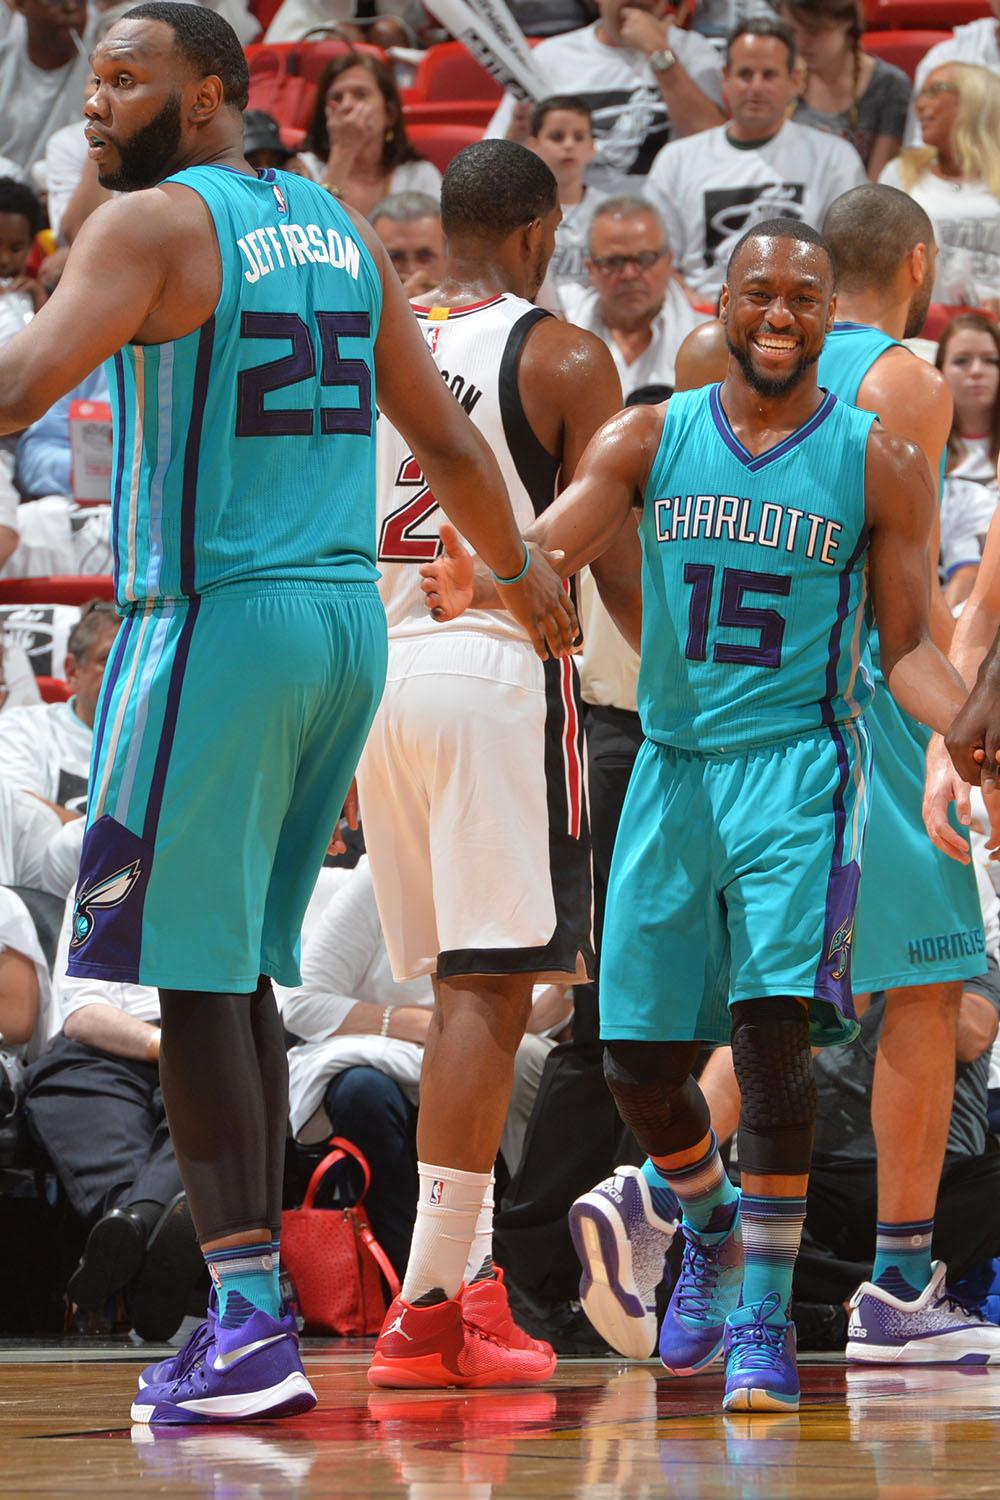 2016 Charlotte Hornets season